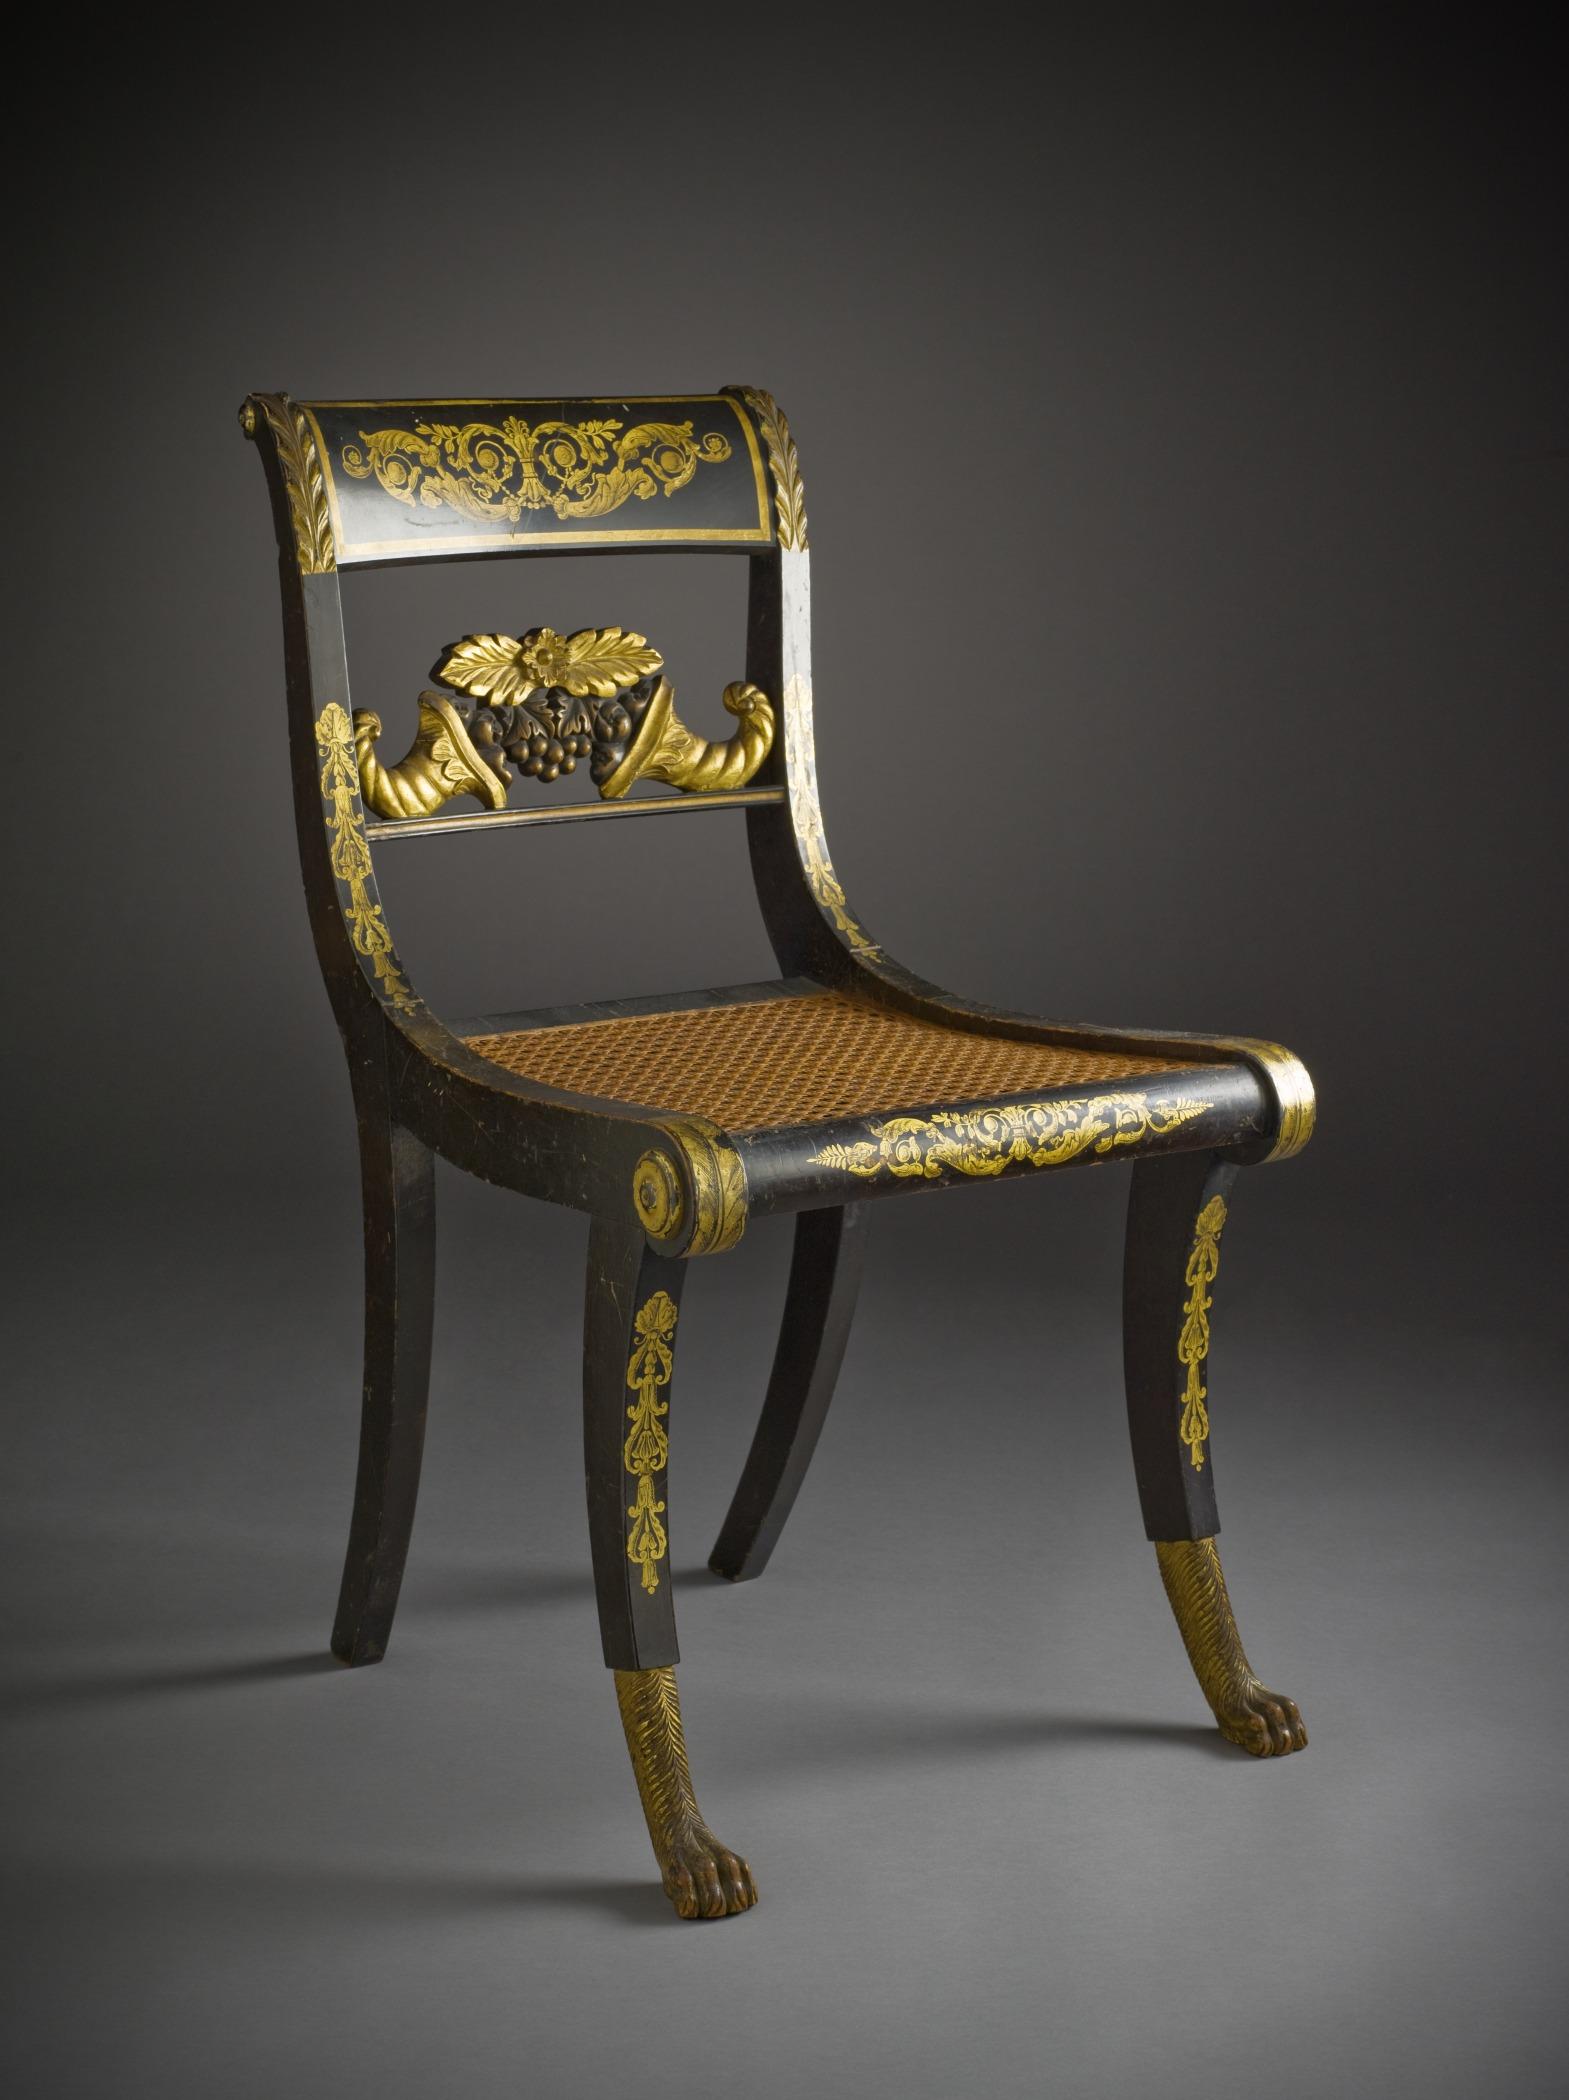 The Klismos Chair